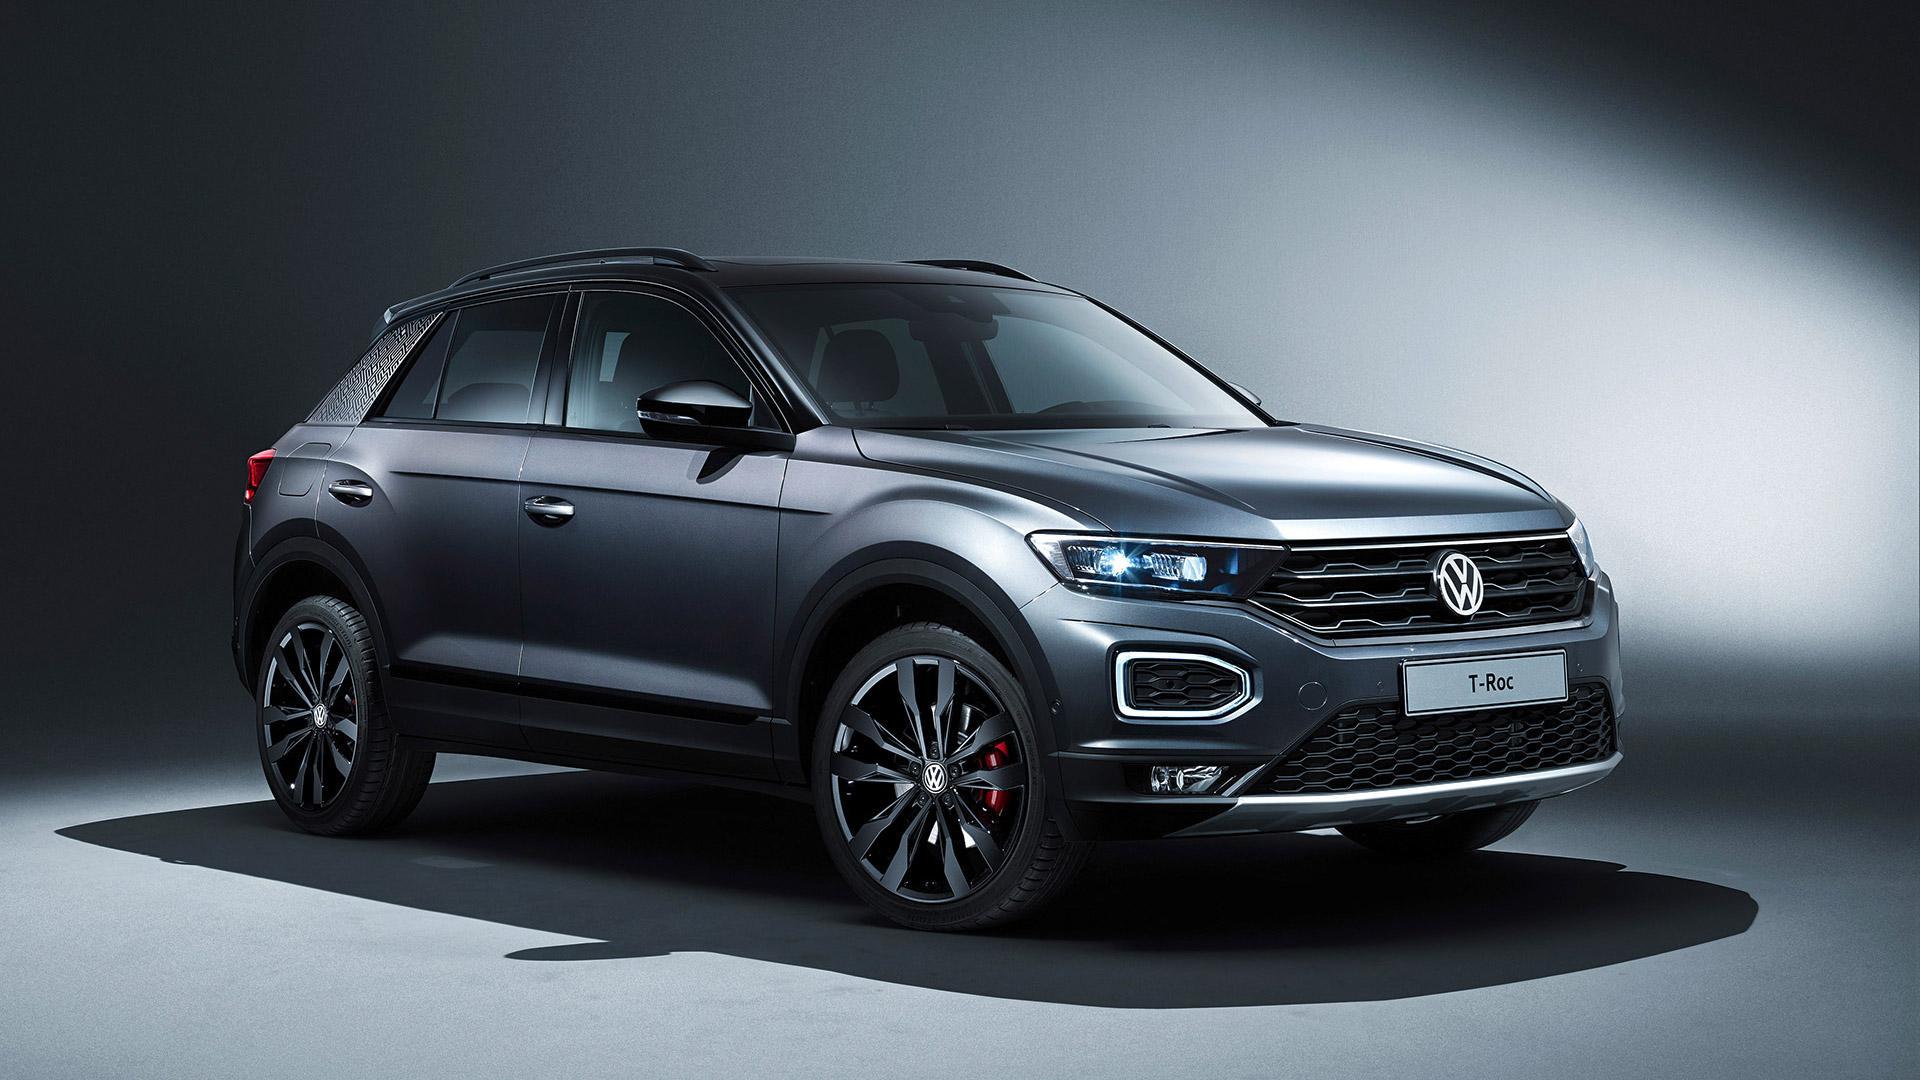 coches de Renting Volkswagen TROC